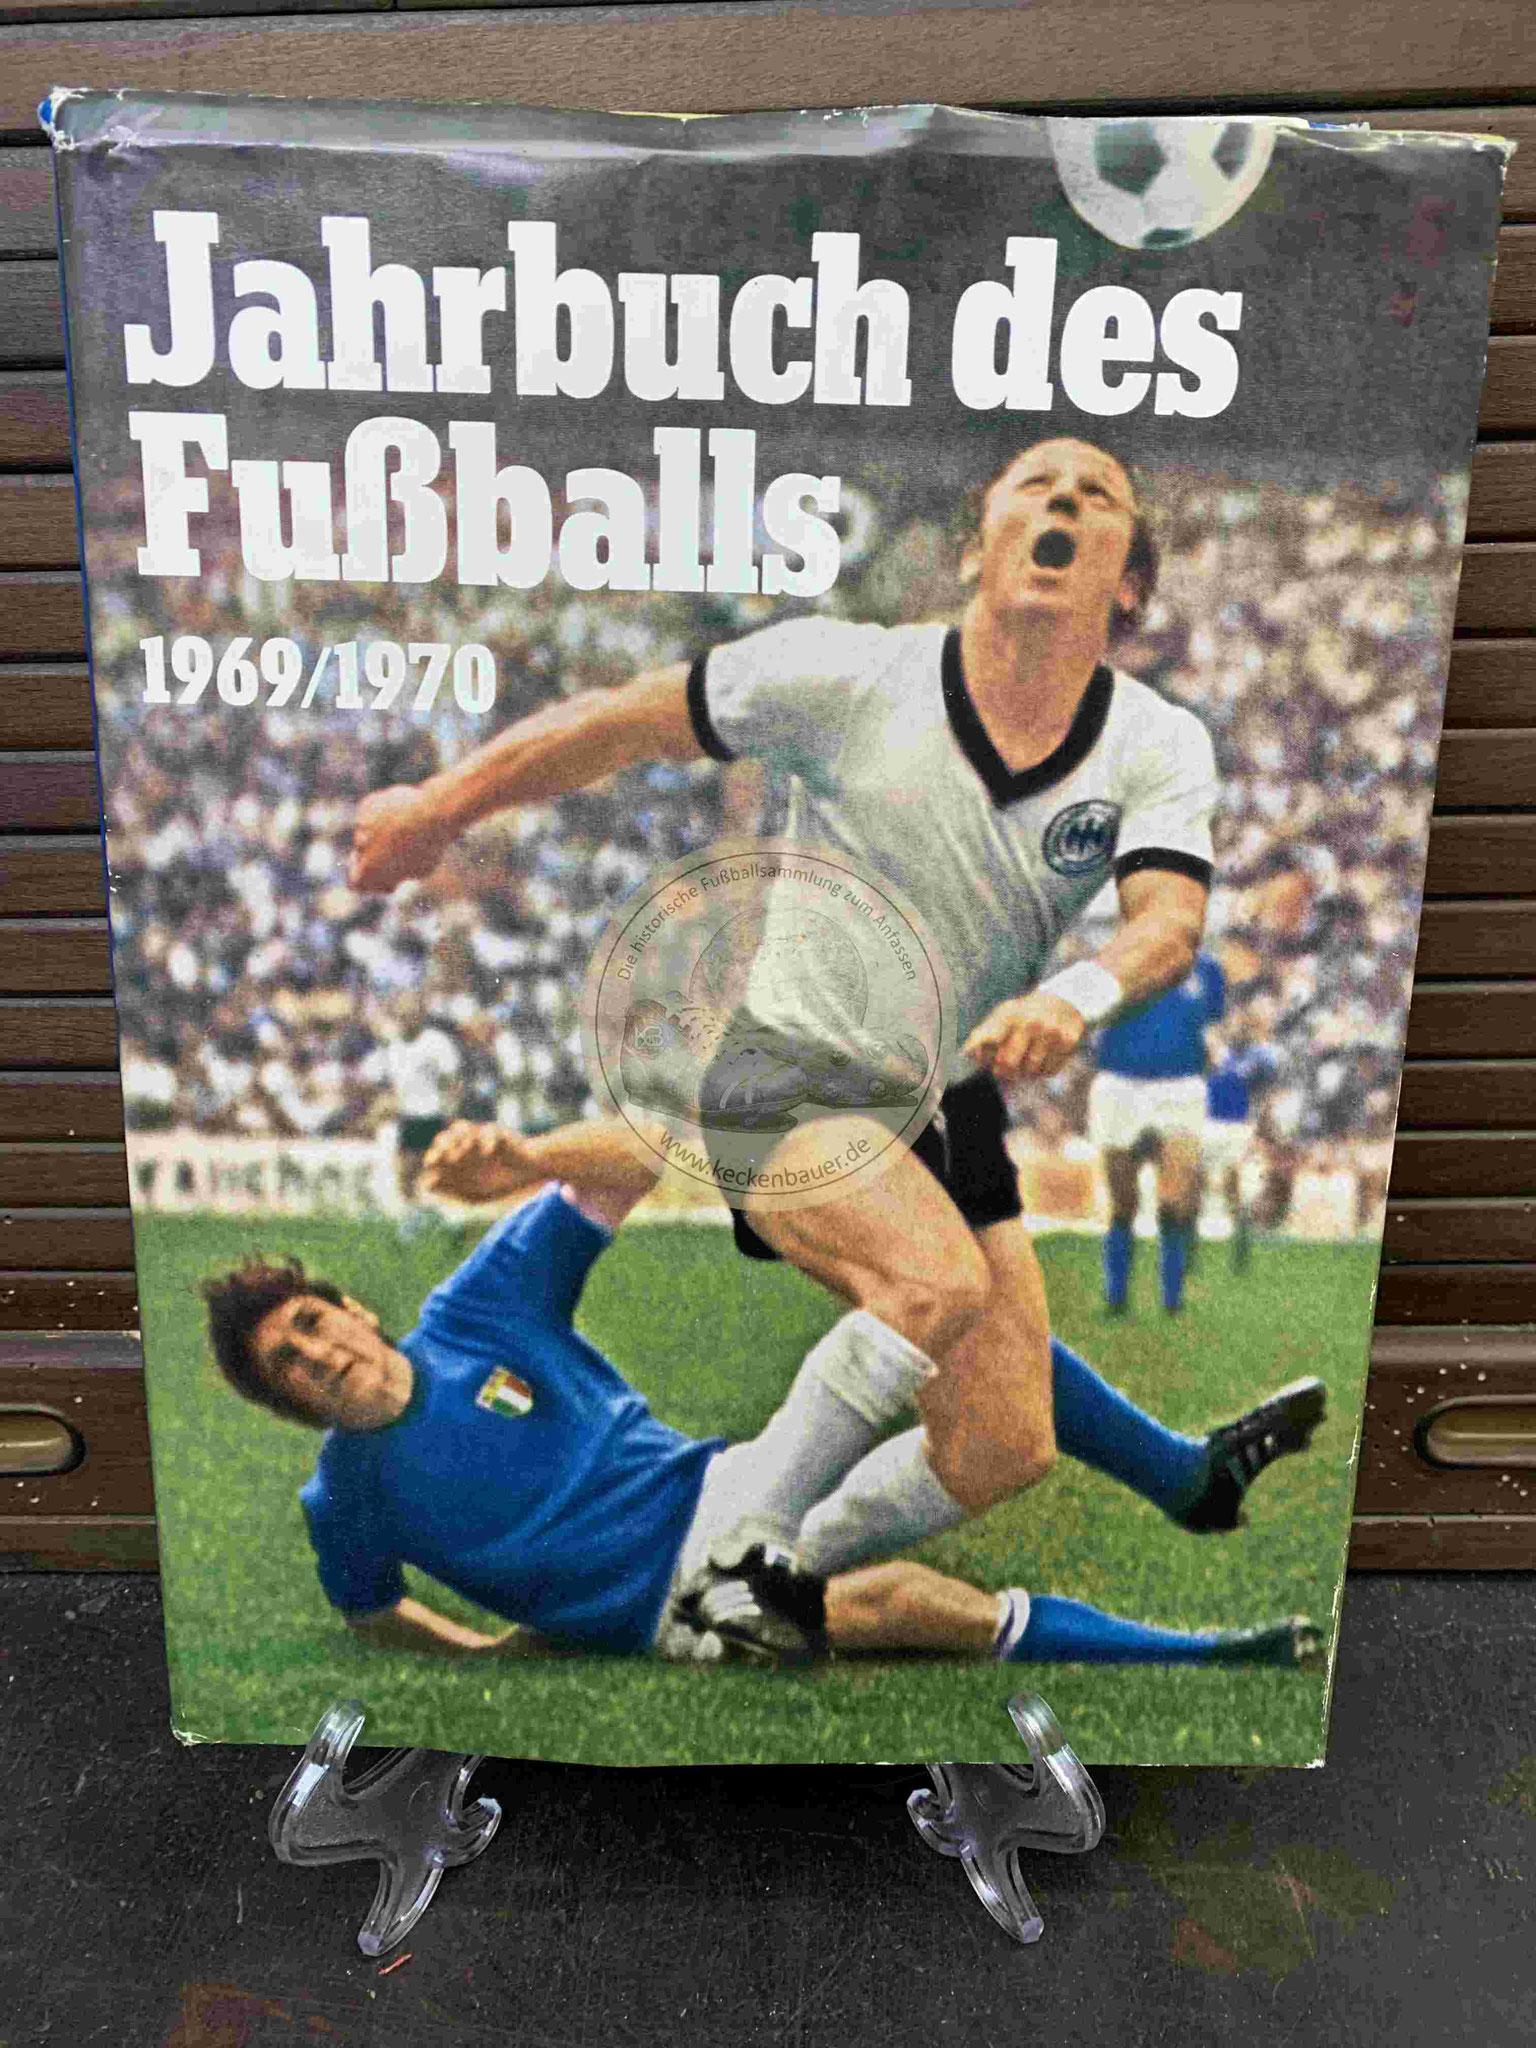 1970 Jahrbuch des Fußballs 1969/1970